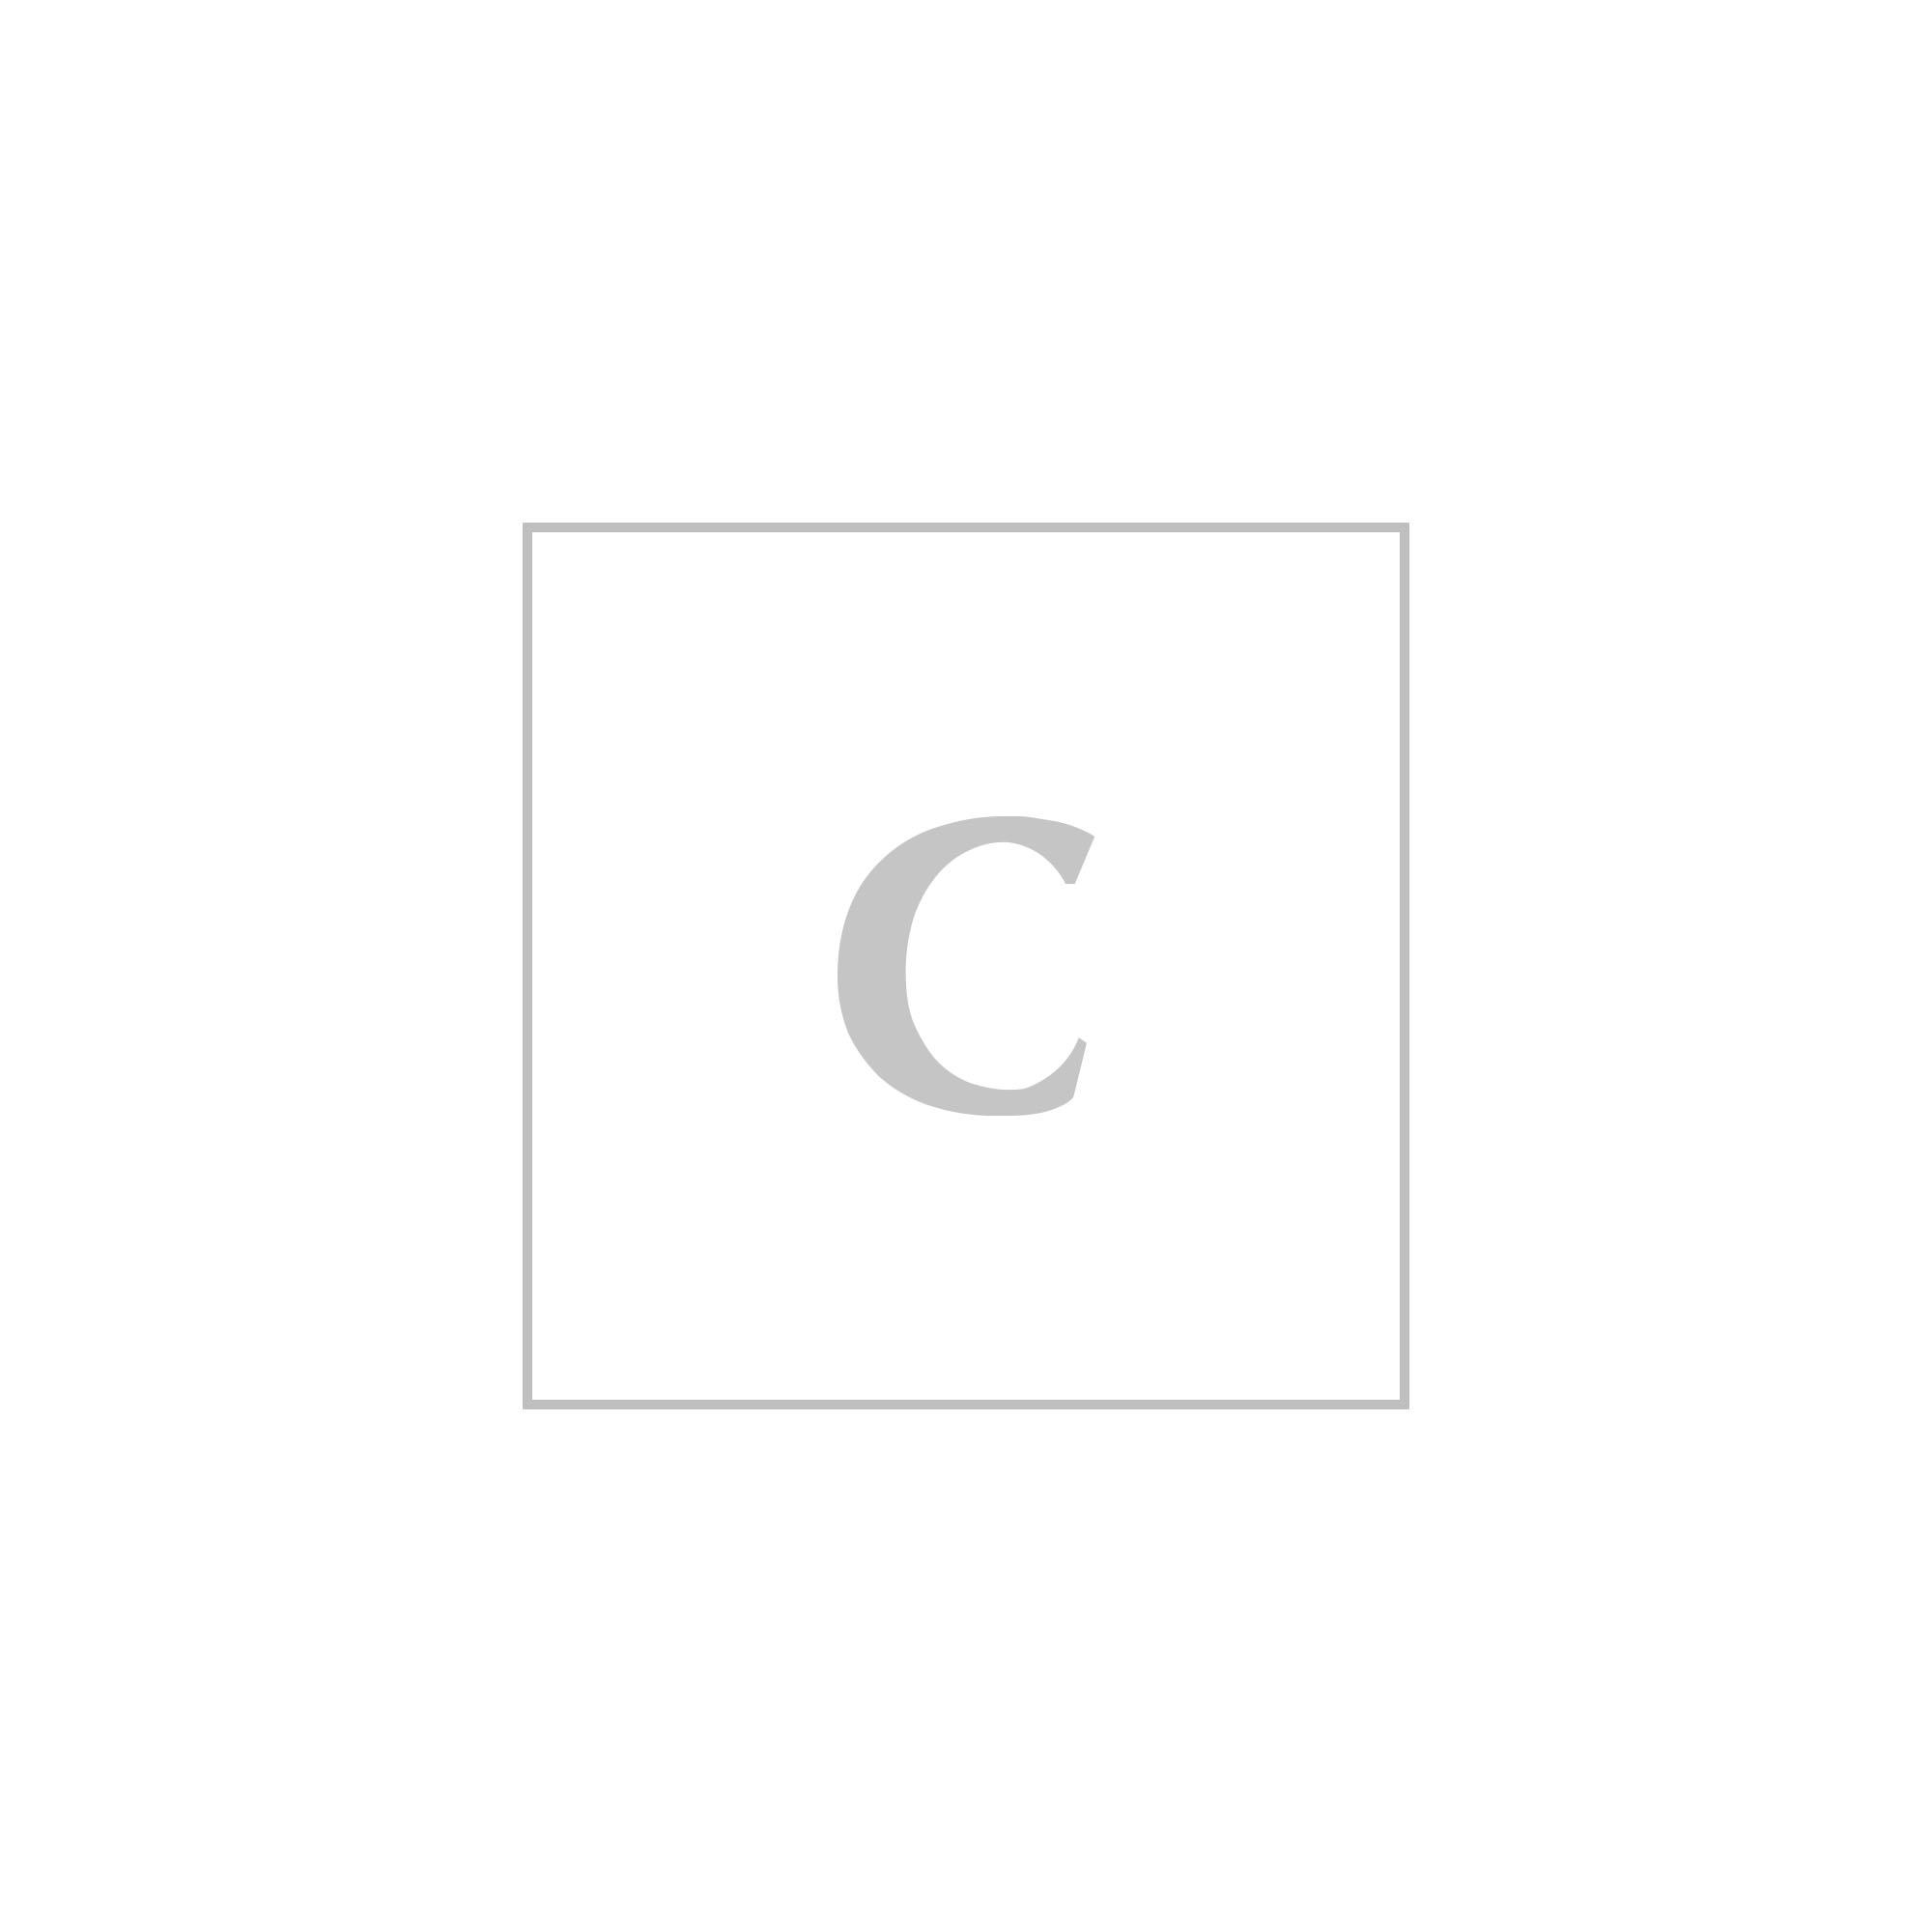 Dolce & gabbana zaino nylon stampa black sicily dauphine